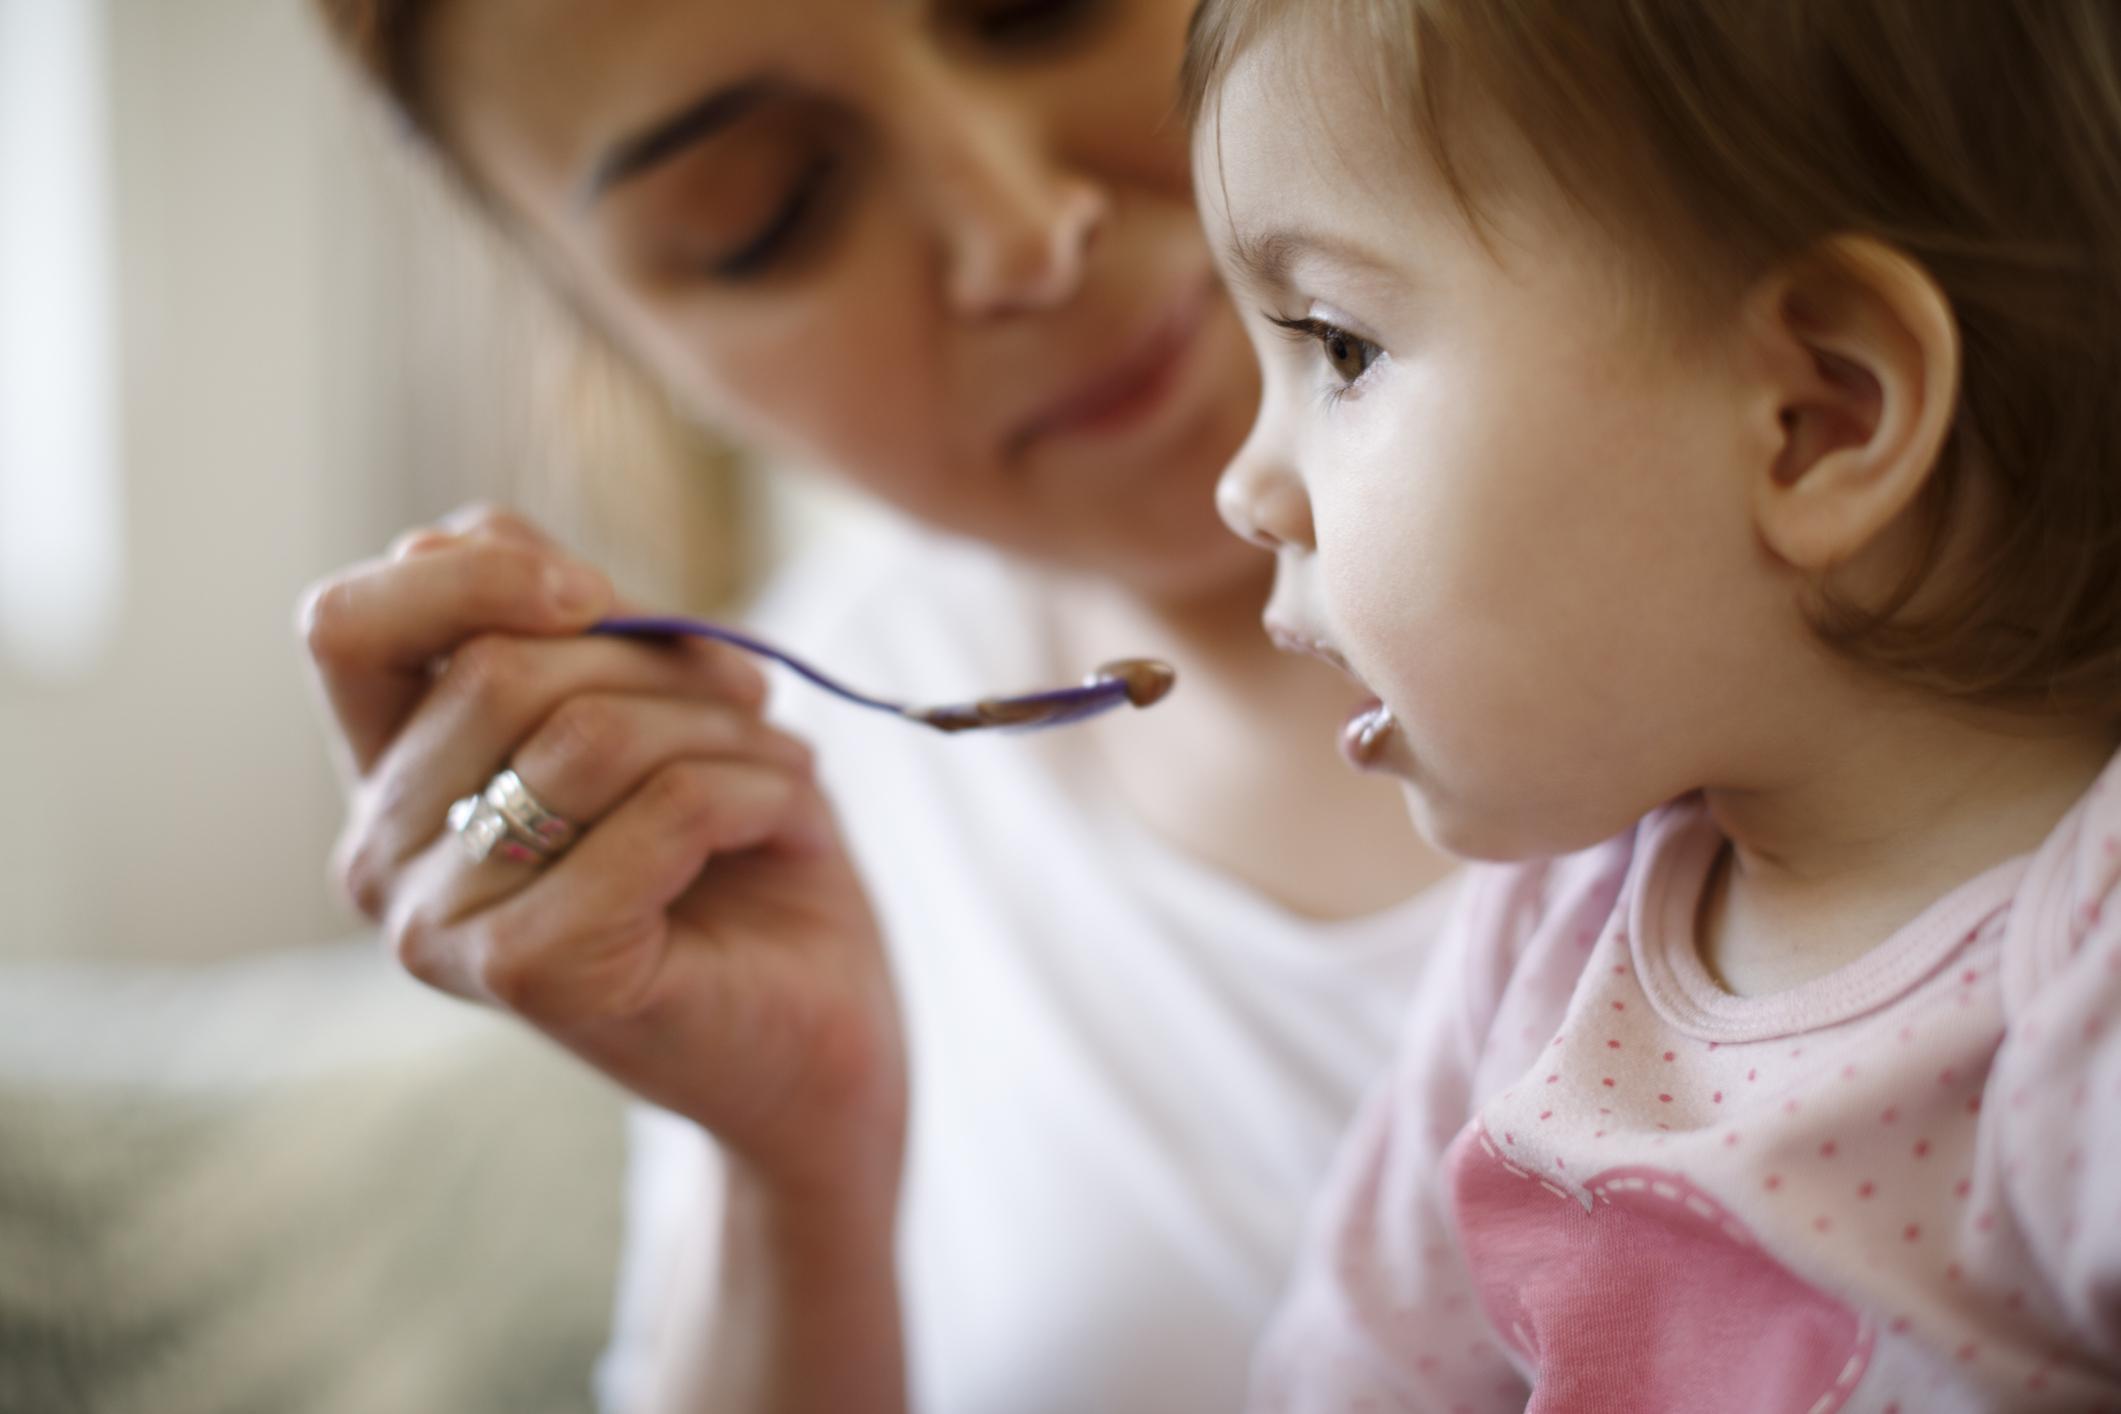 Αυτές είναι οι νέες διατροφικές συνήθειες για το μωρό σου!